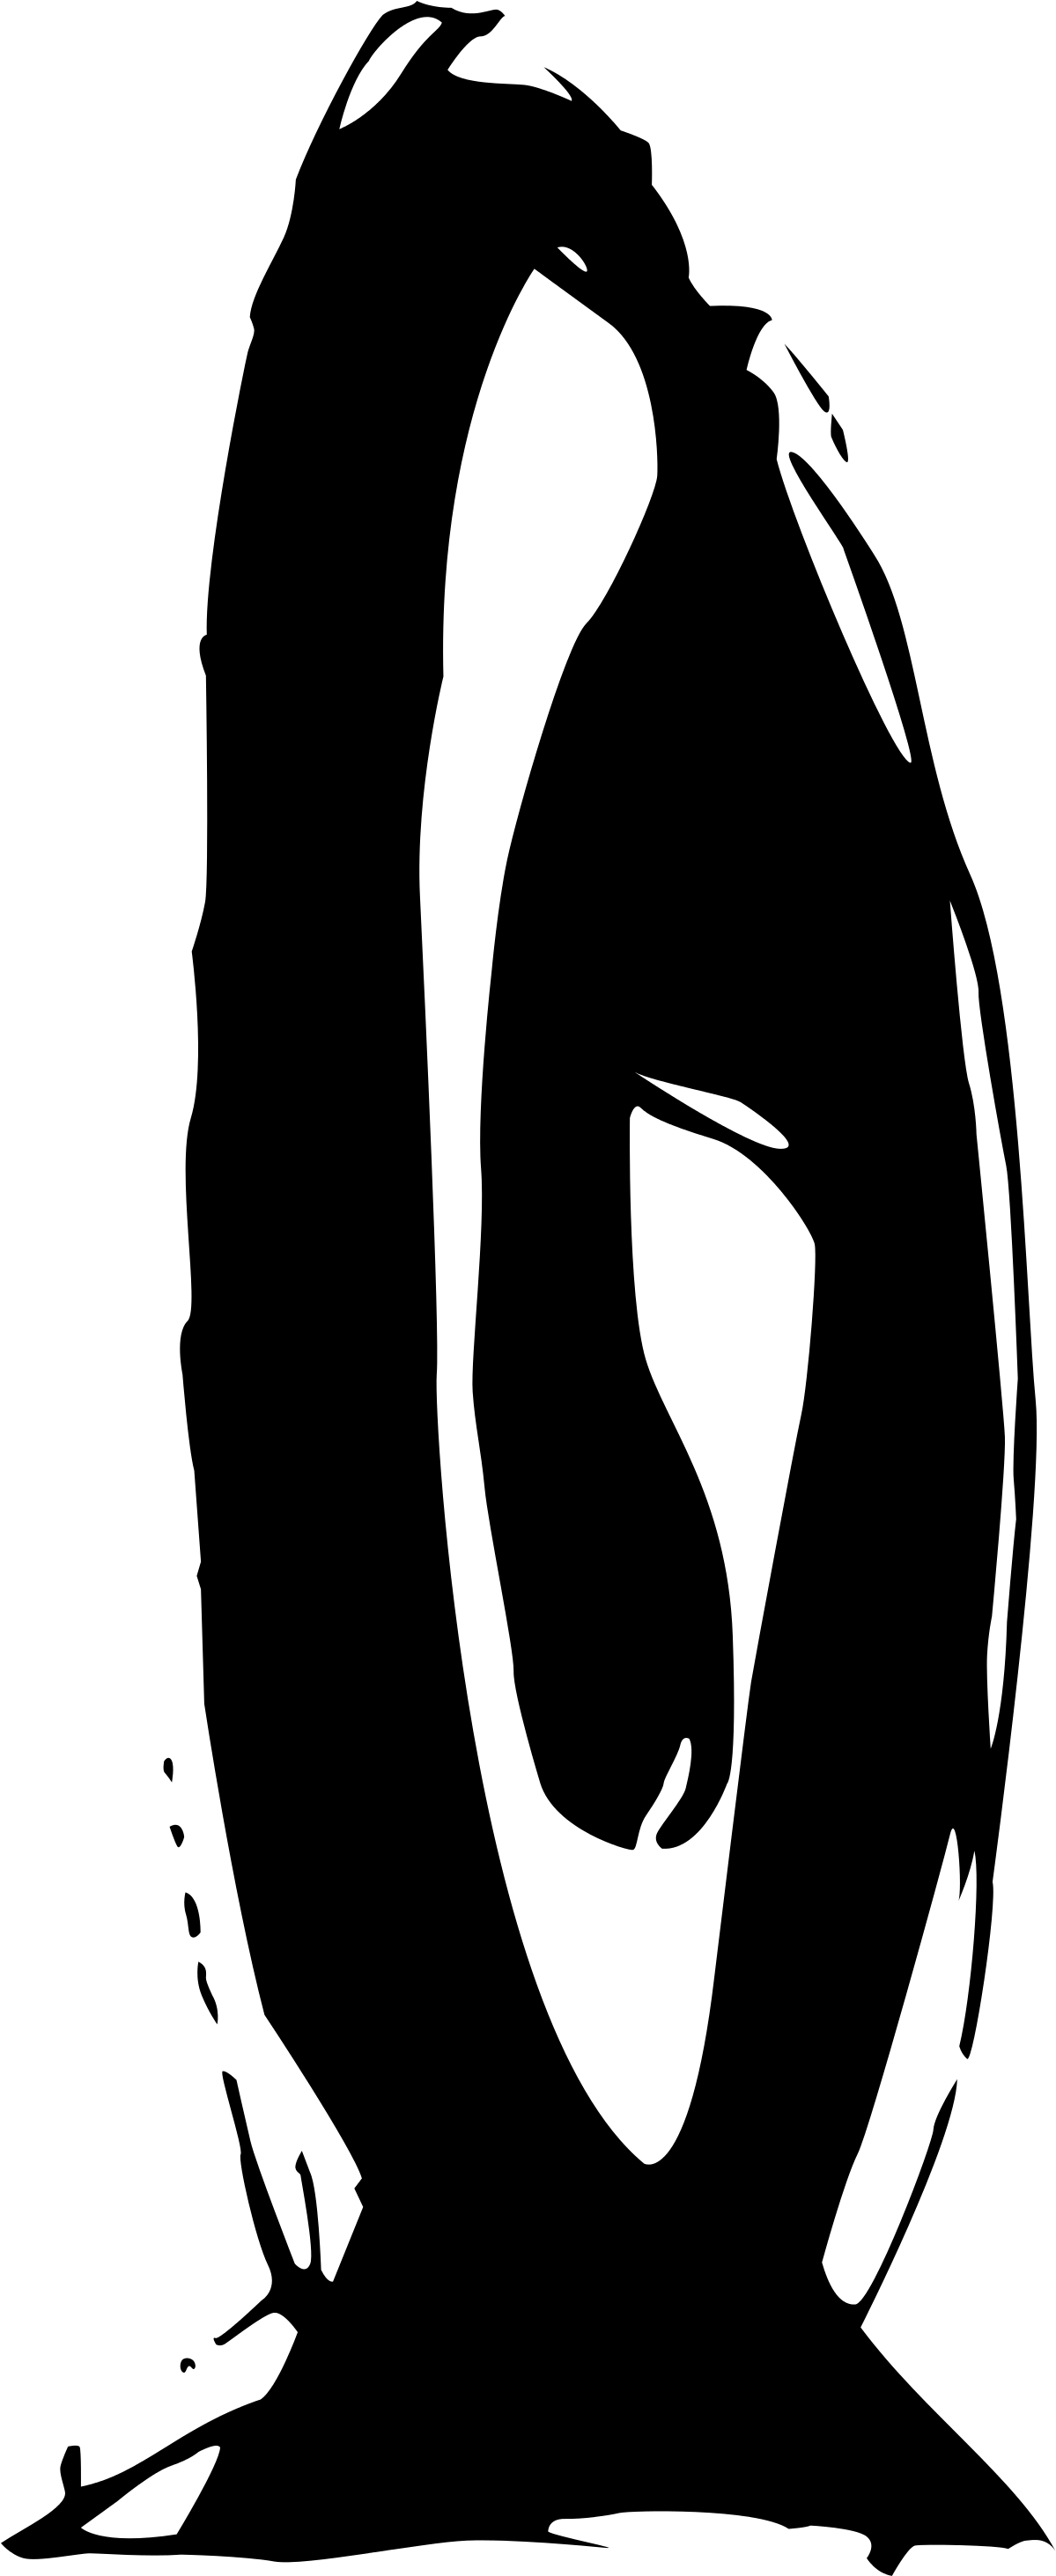 Download Game Freak Logo Png.